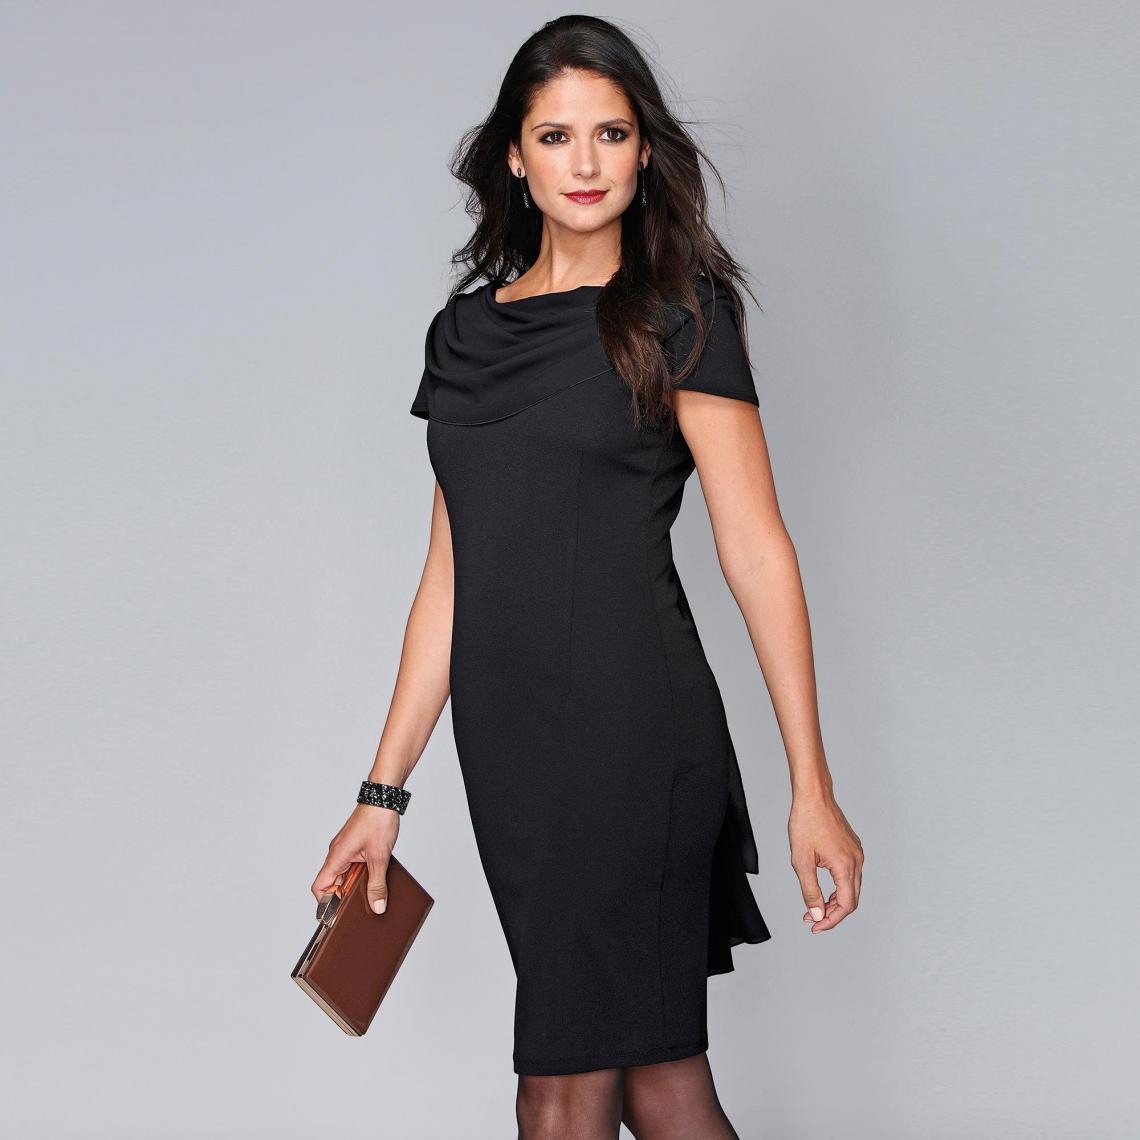 Robe courte manches courtes foulard drapé - 3 SUISSES - Modalova